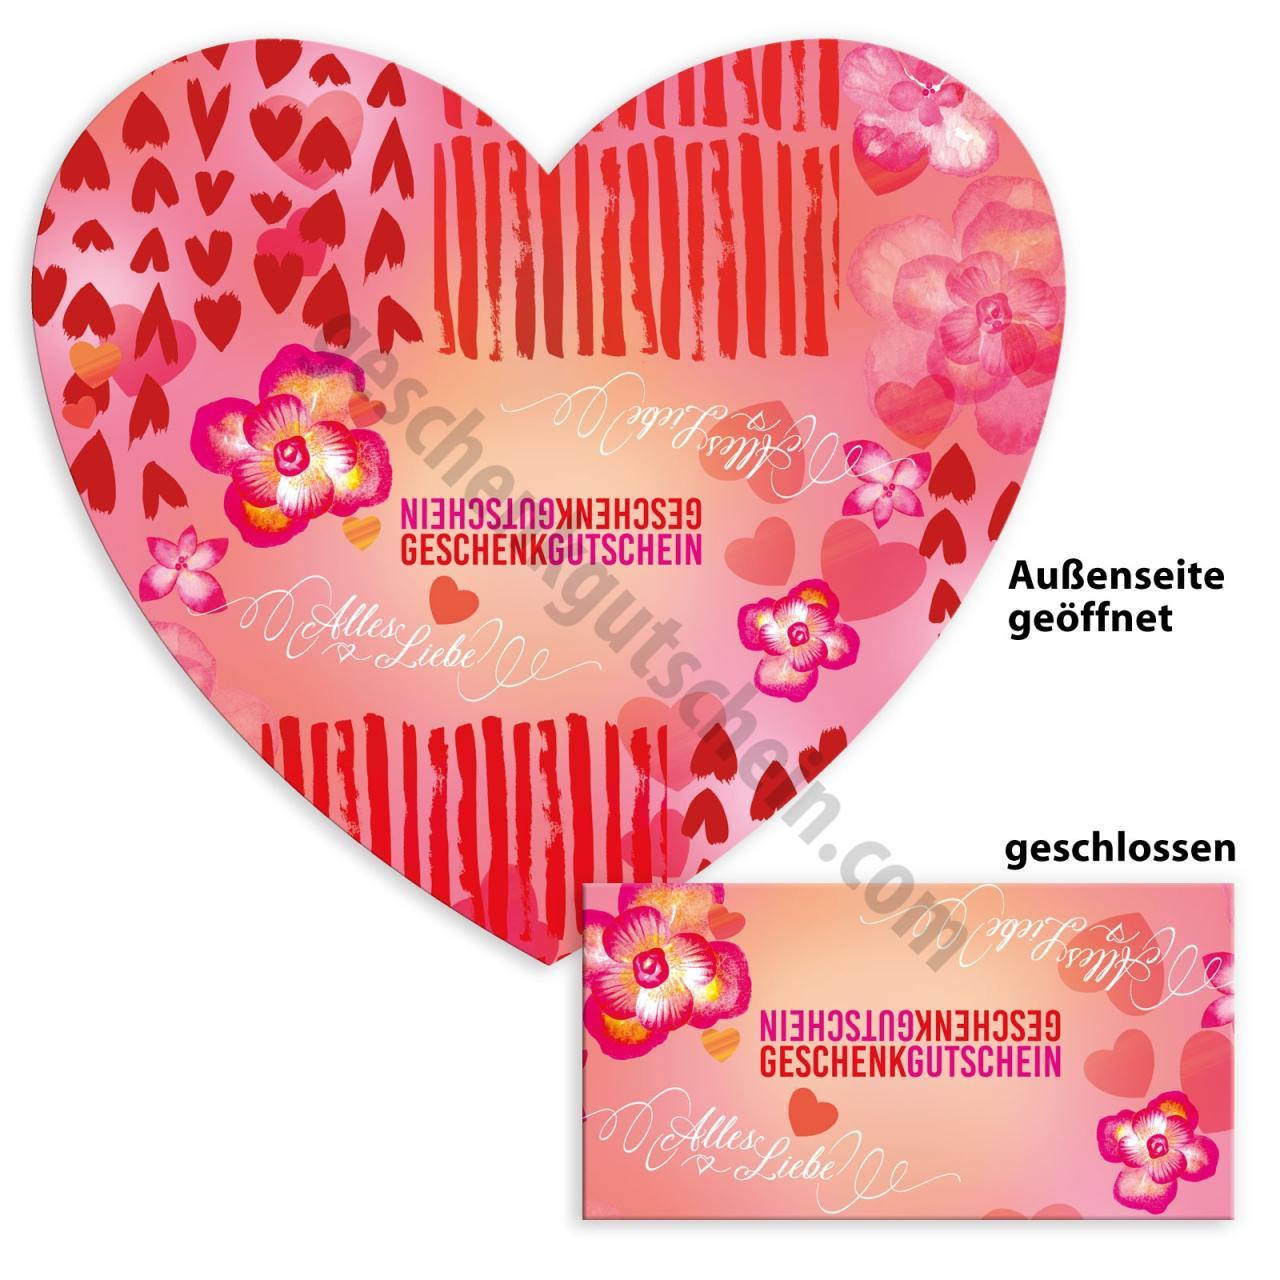 Fh102 Riesen Faltherz Gutschein Muttertag Valentinstag